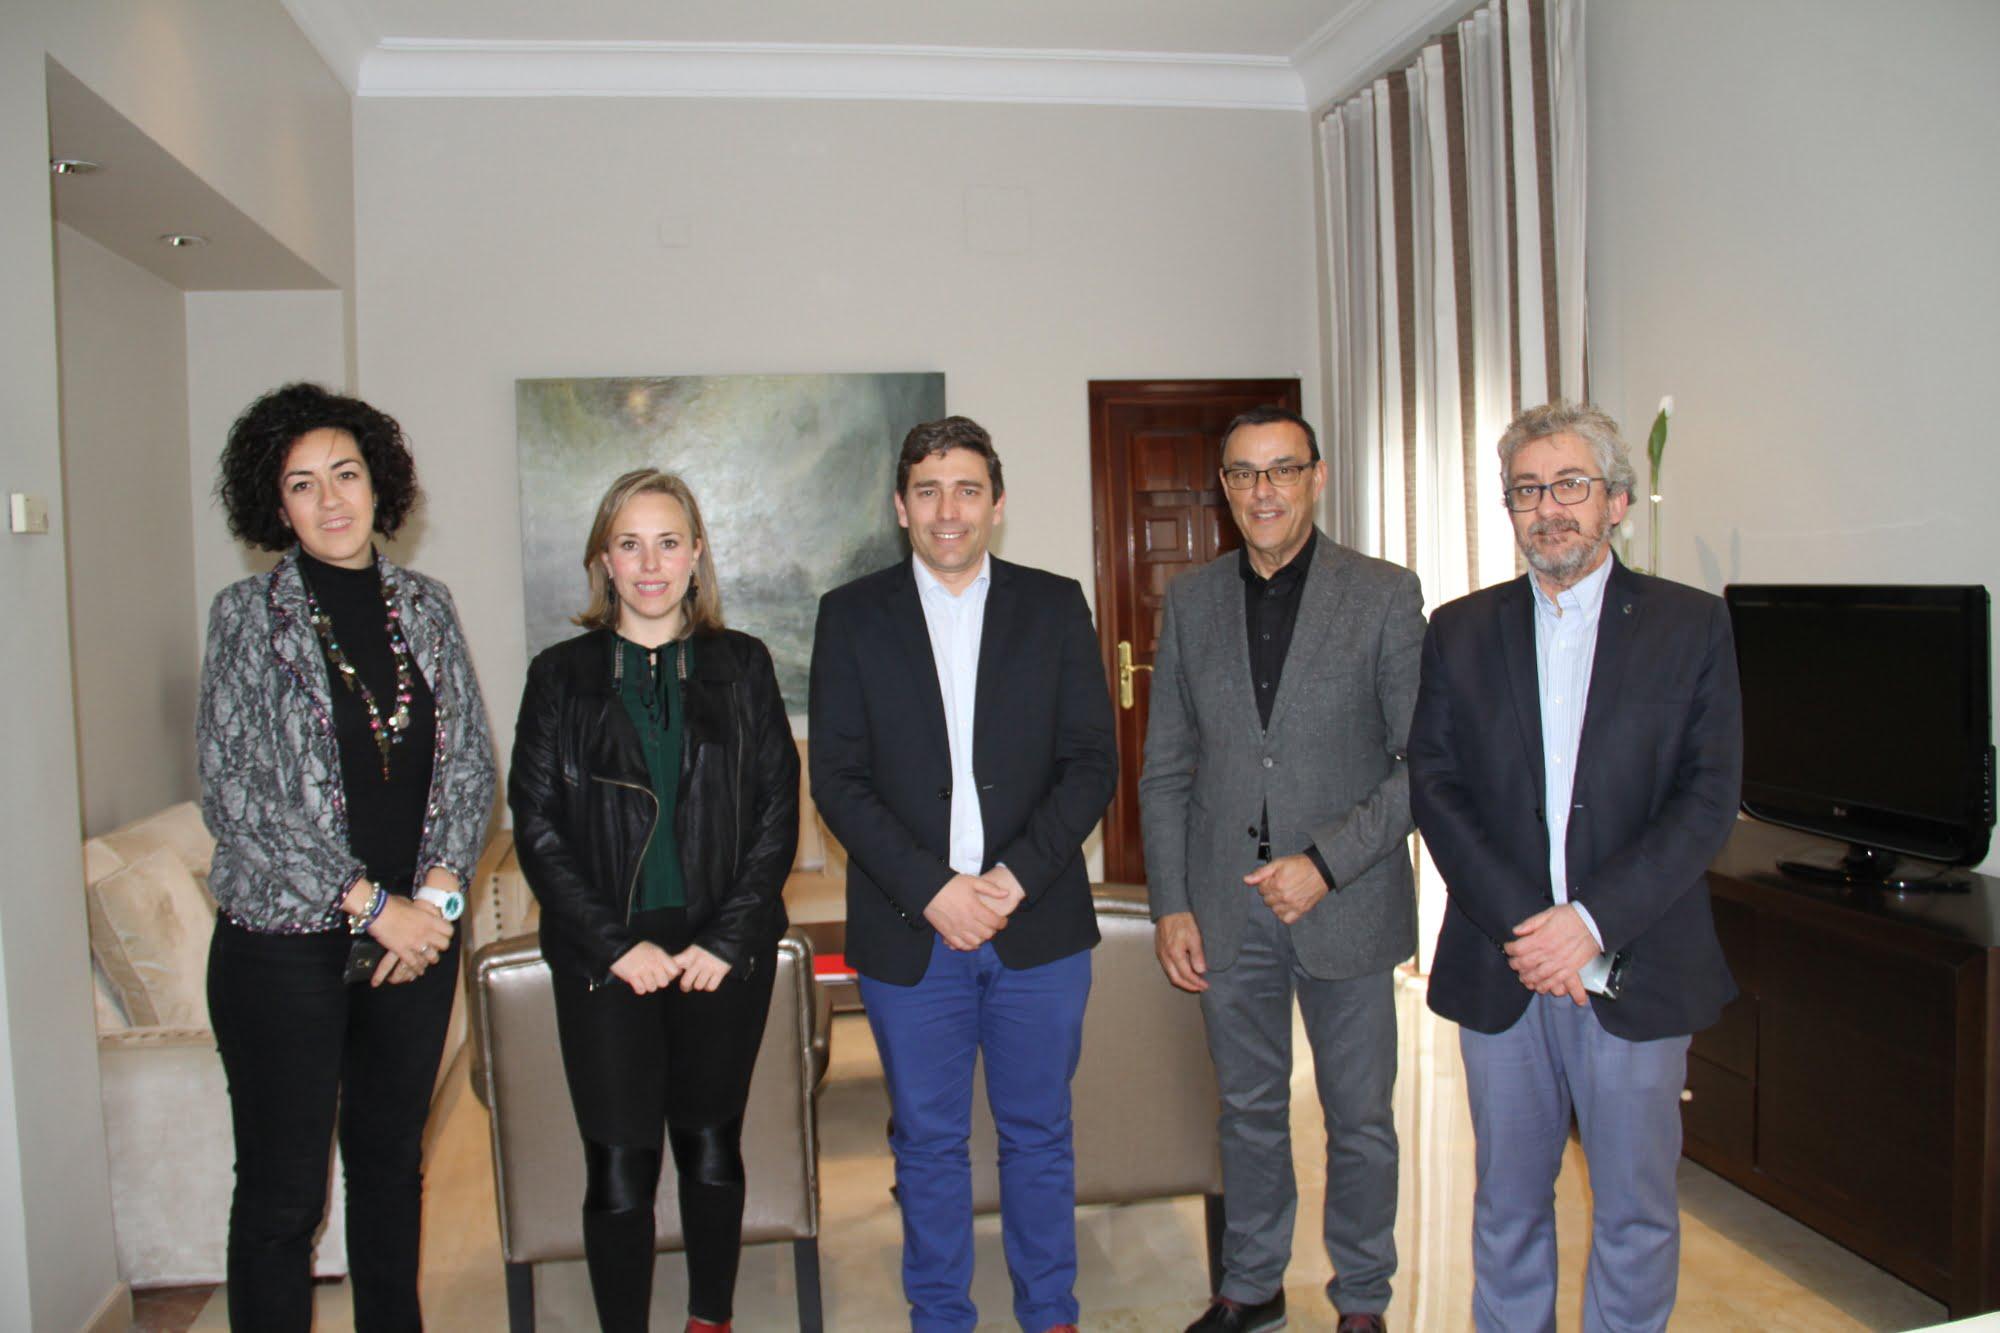 En la image, Caraballo tras la reunión con los representantes del Colegio de Ingenieros Técnicos